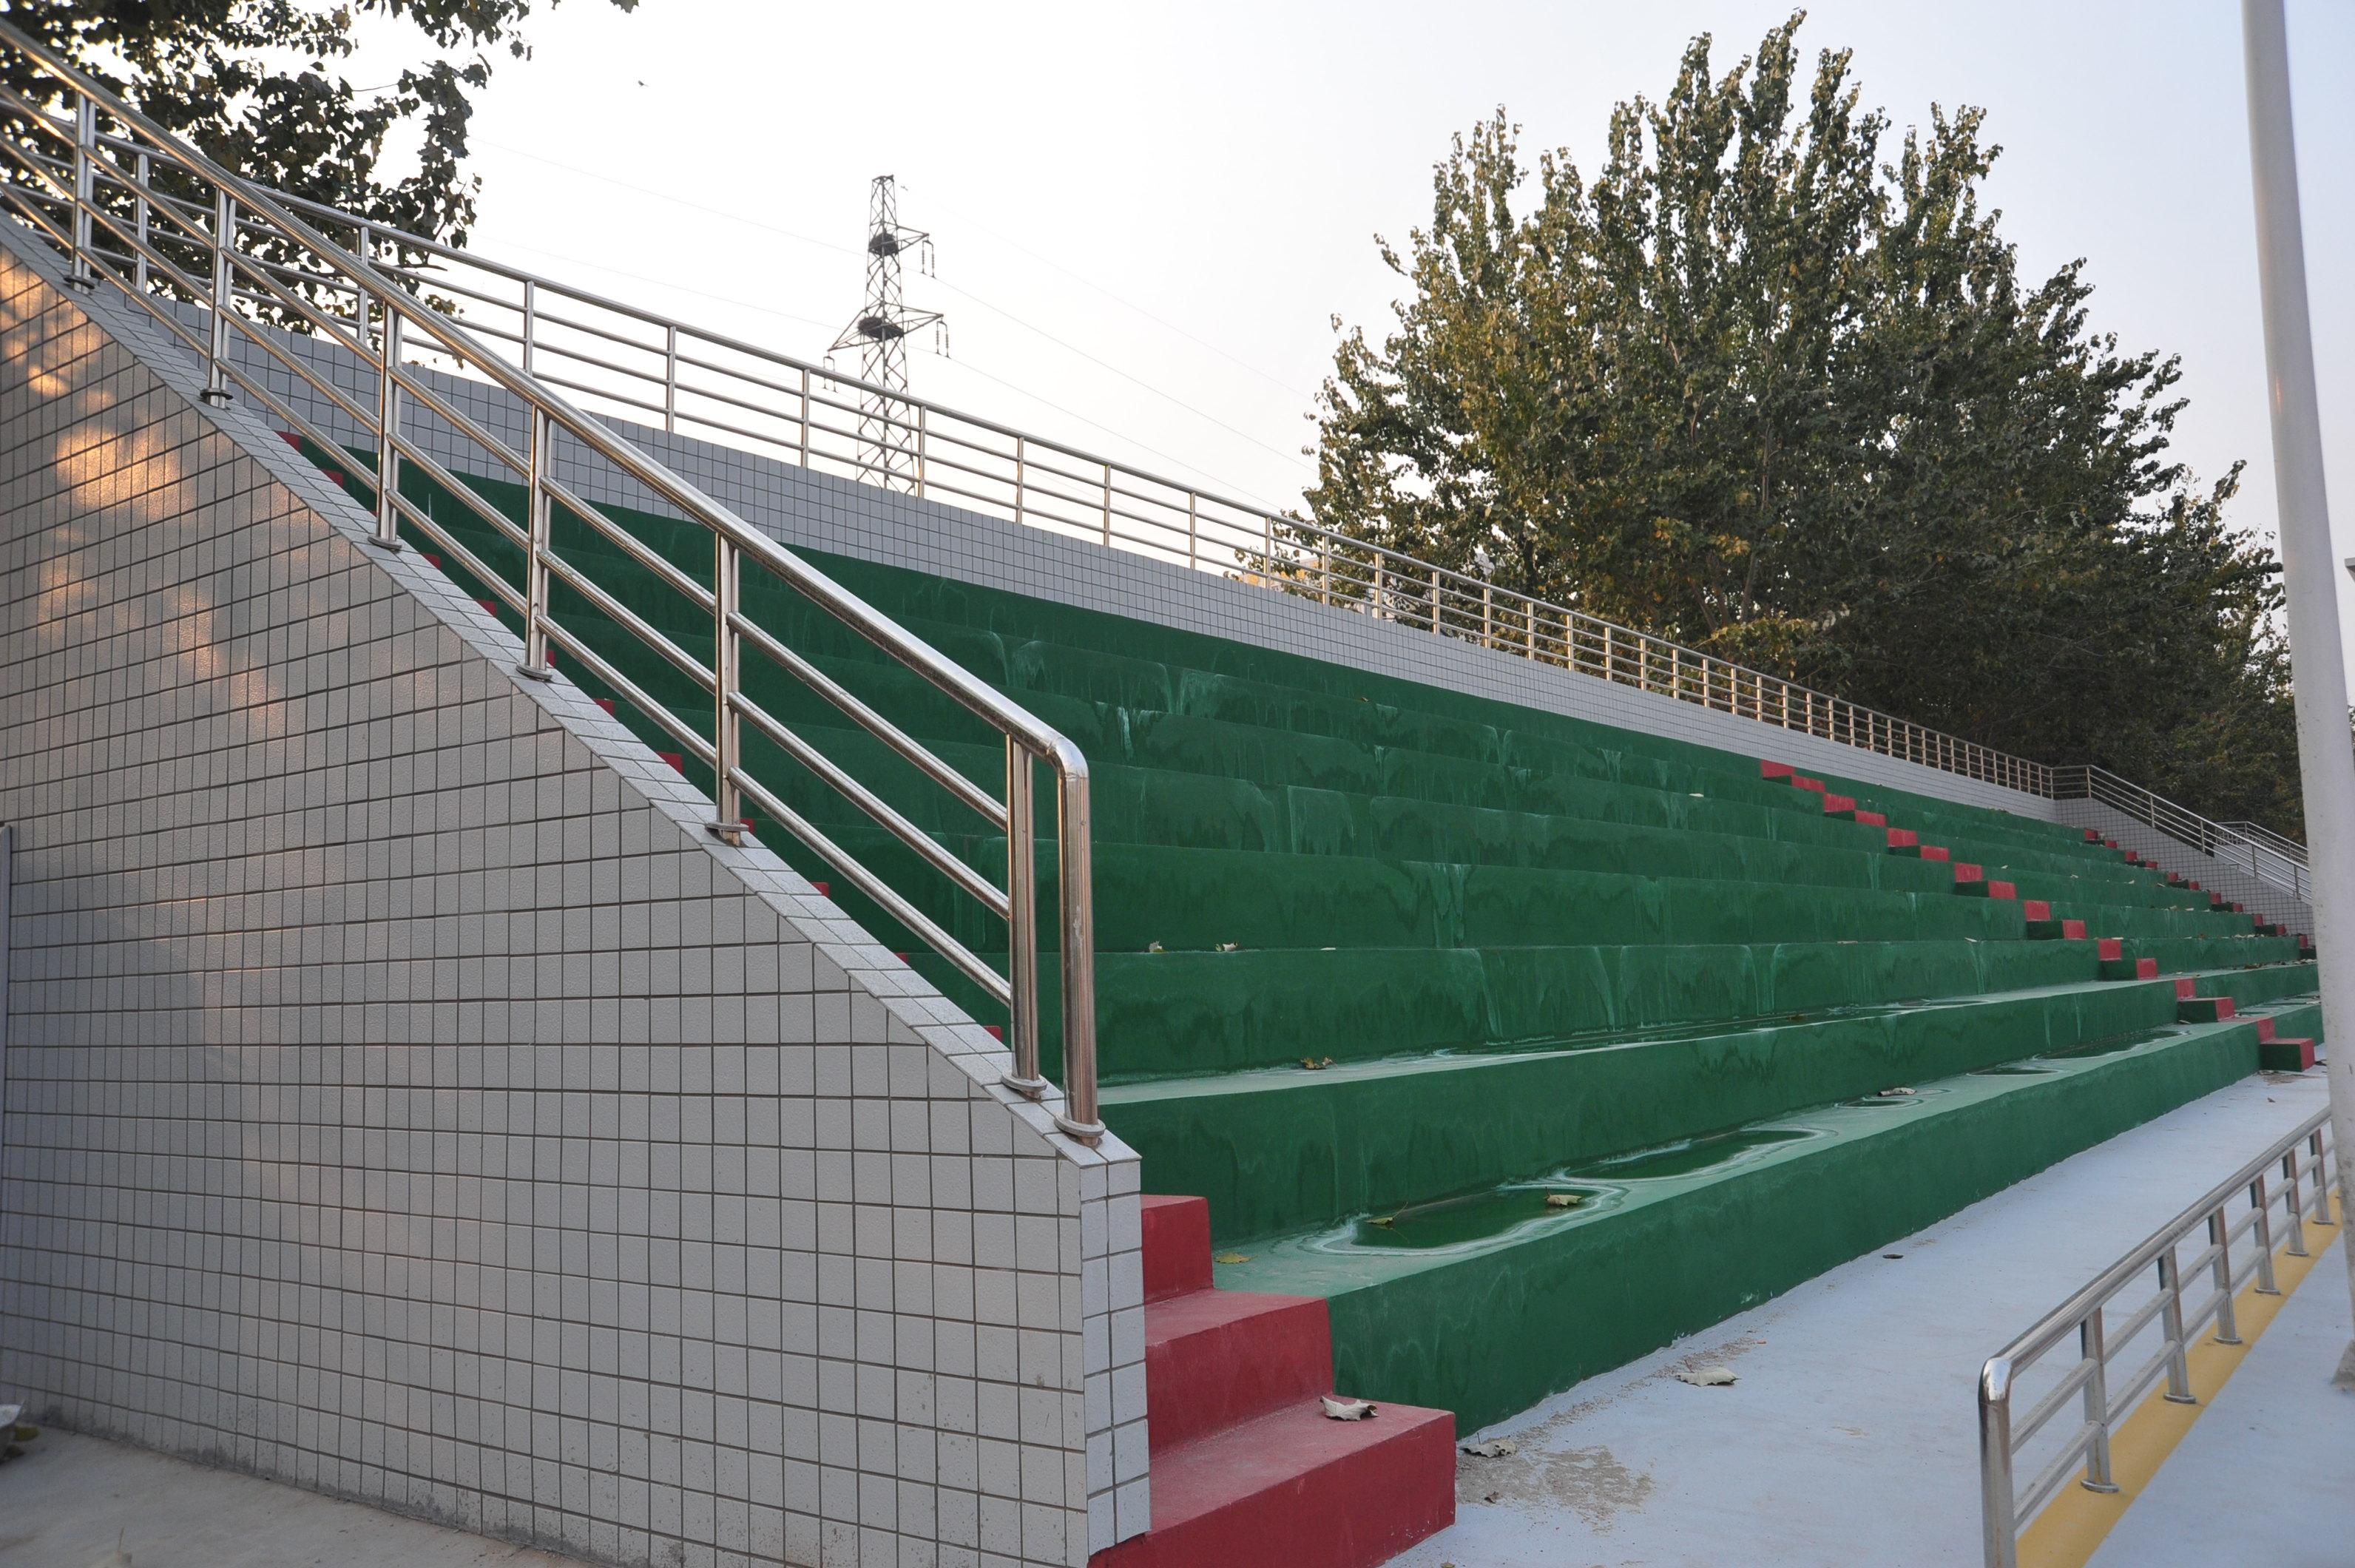 郑州106中学新语文试题体育看台粉刷一新原创校区高中学校图片